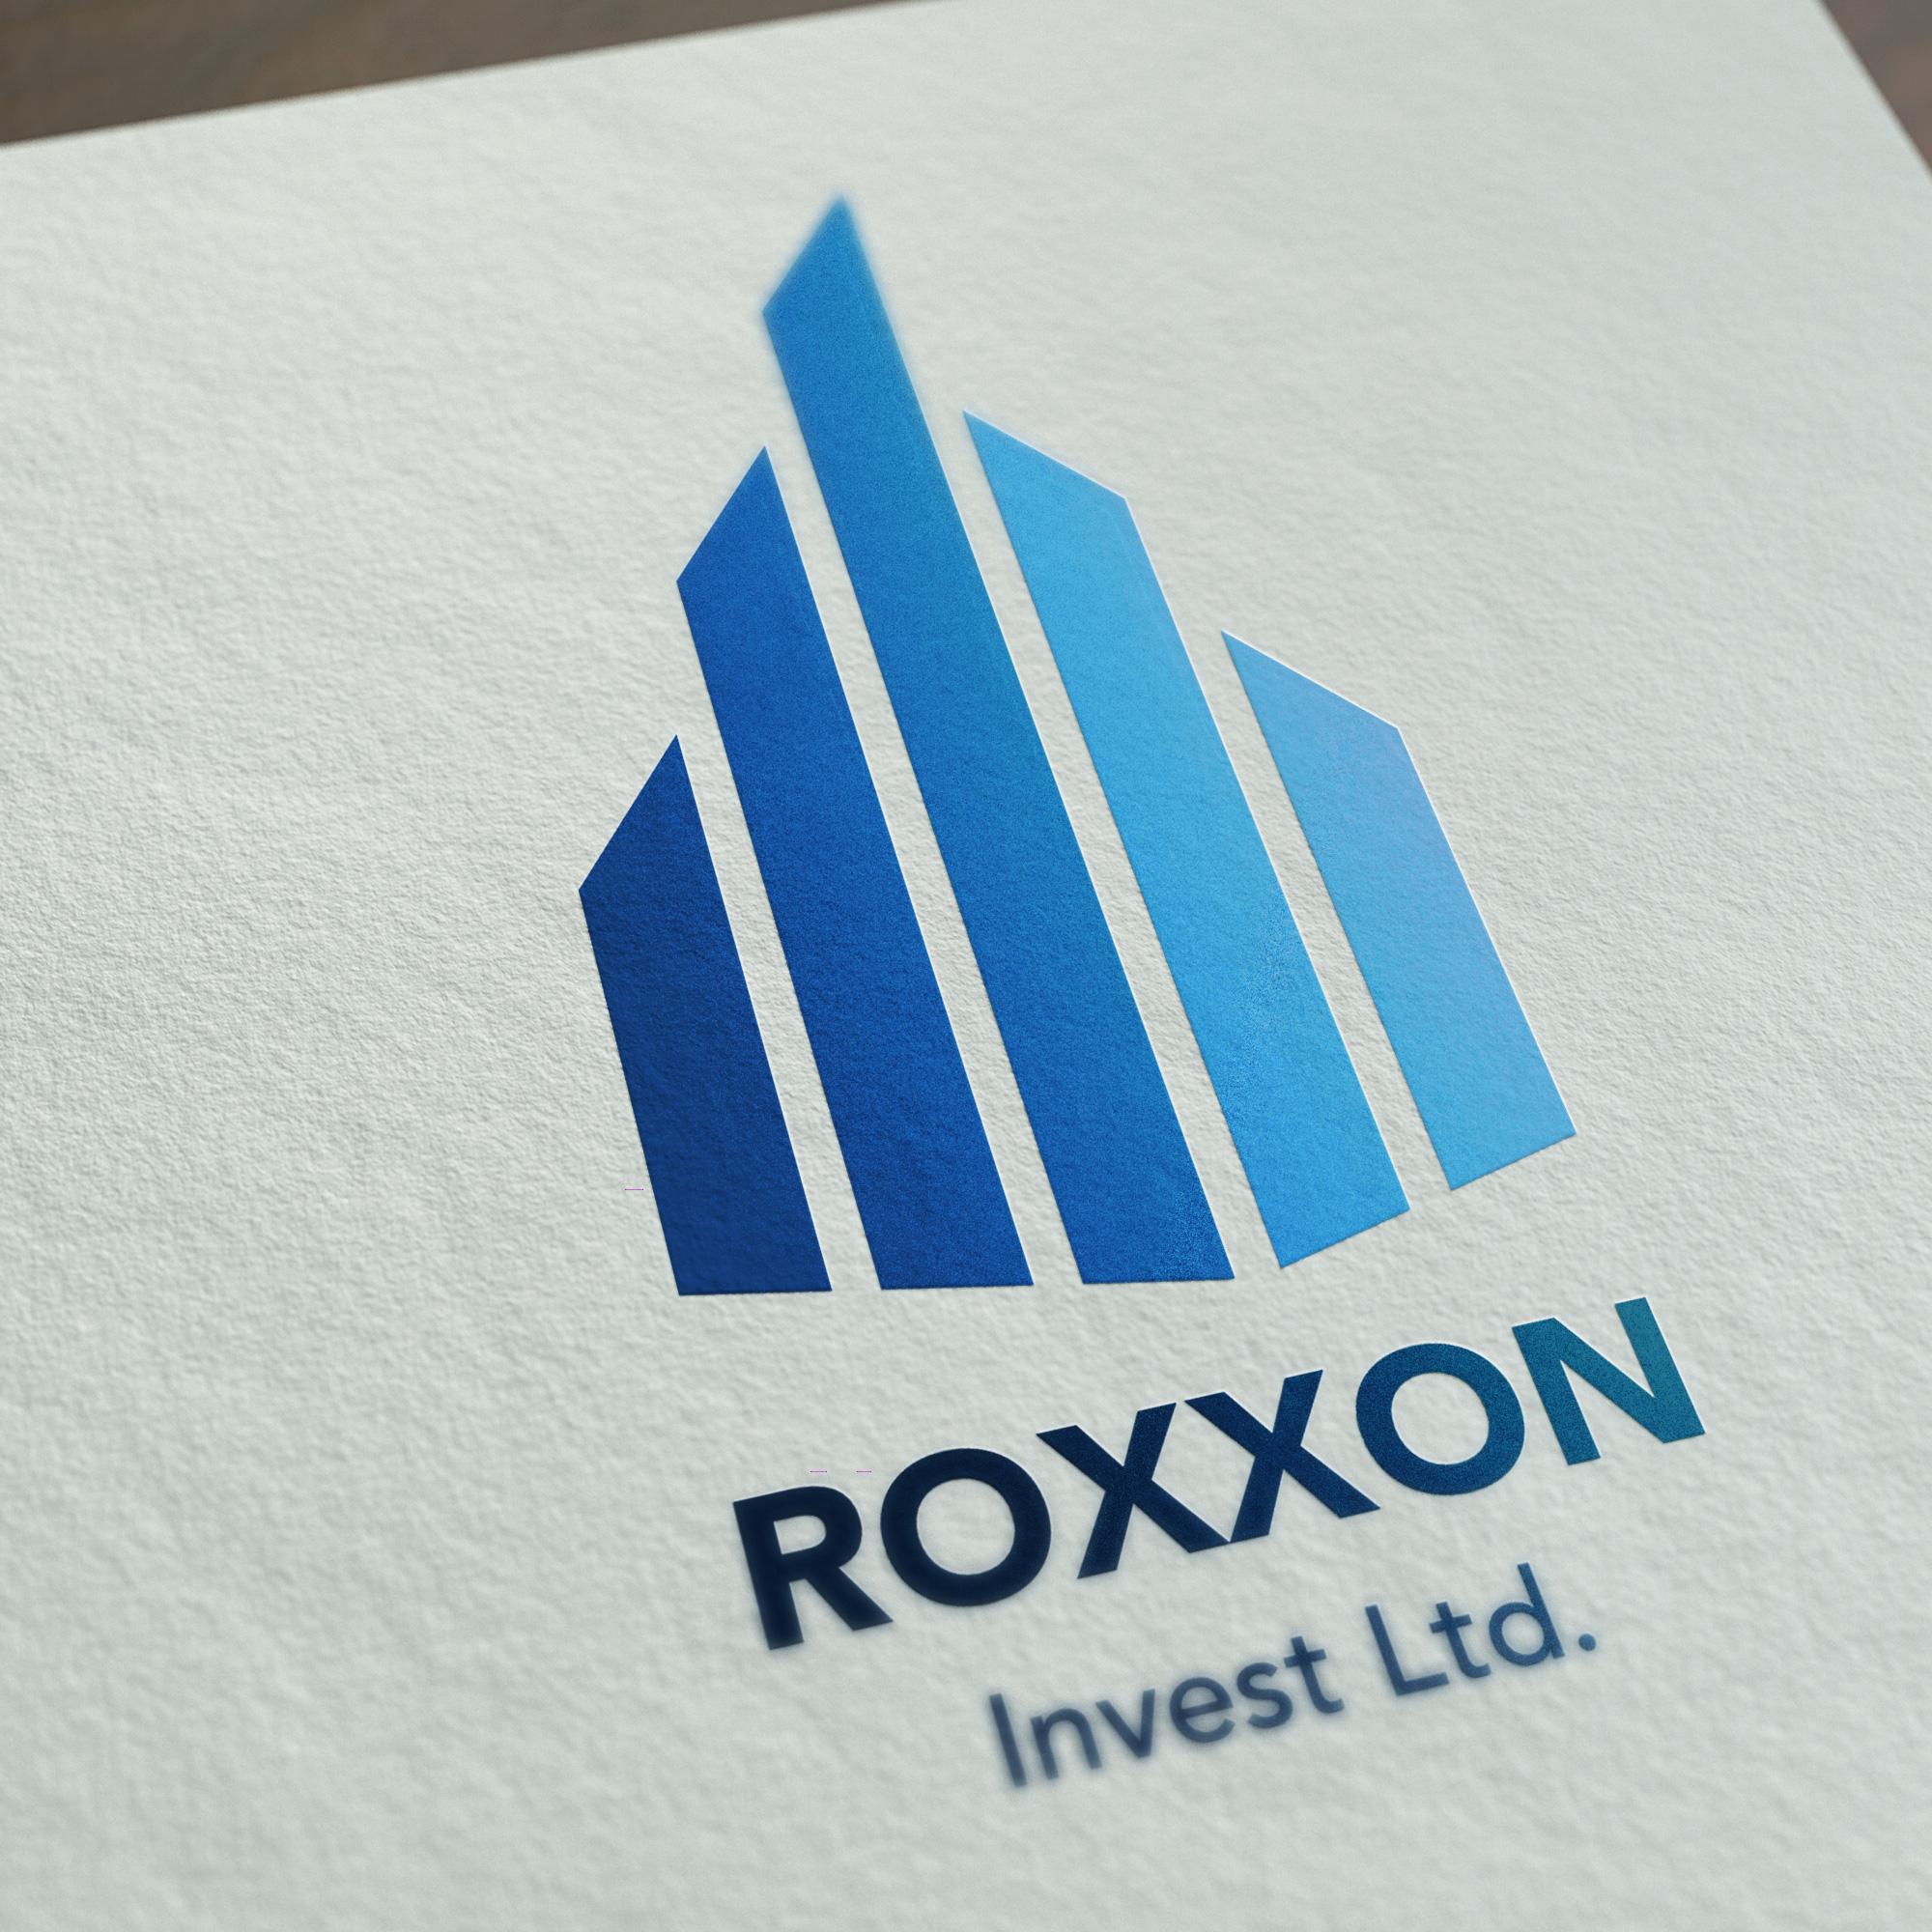 roxon_logo_mockup